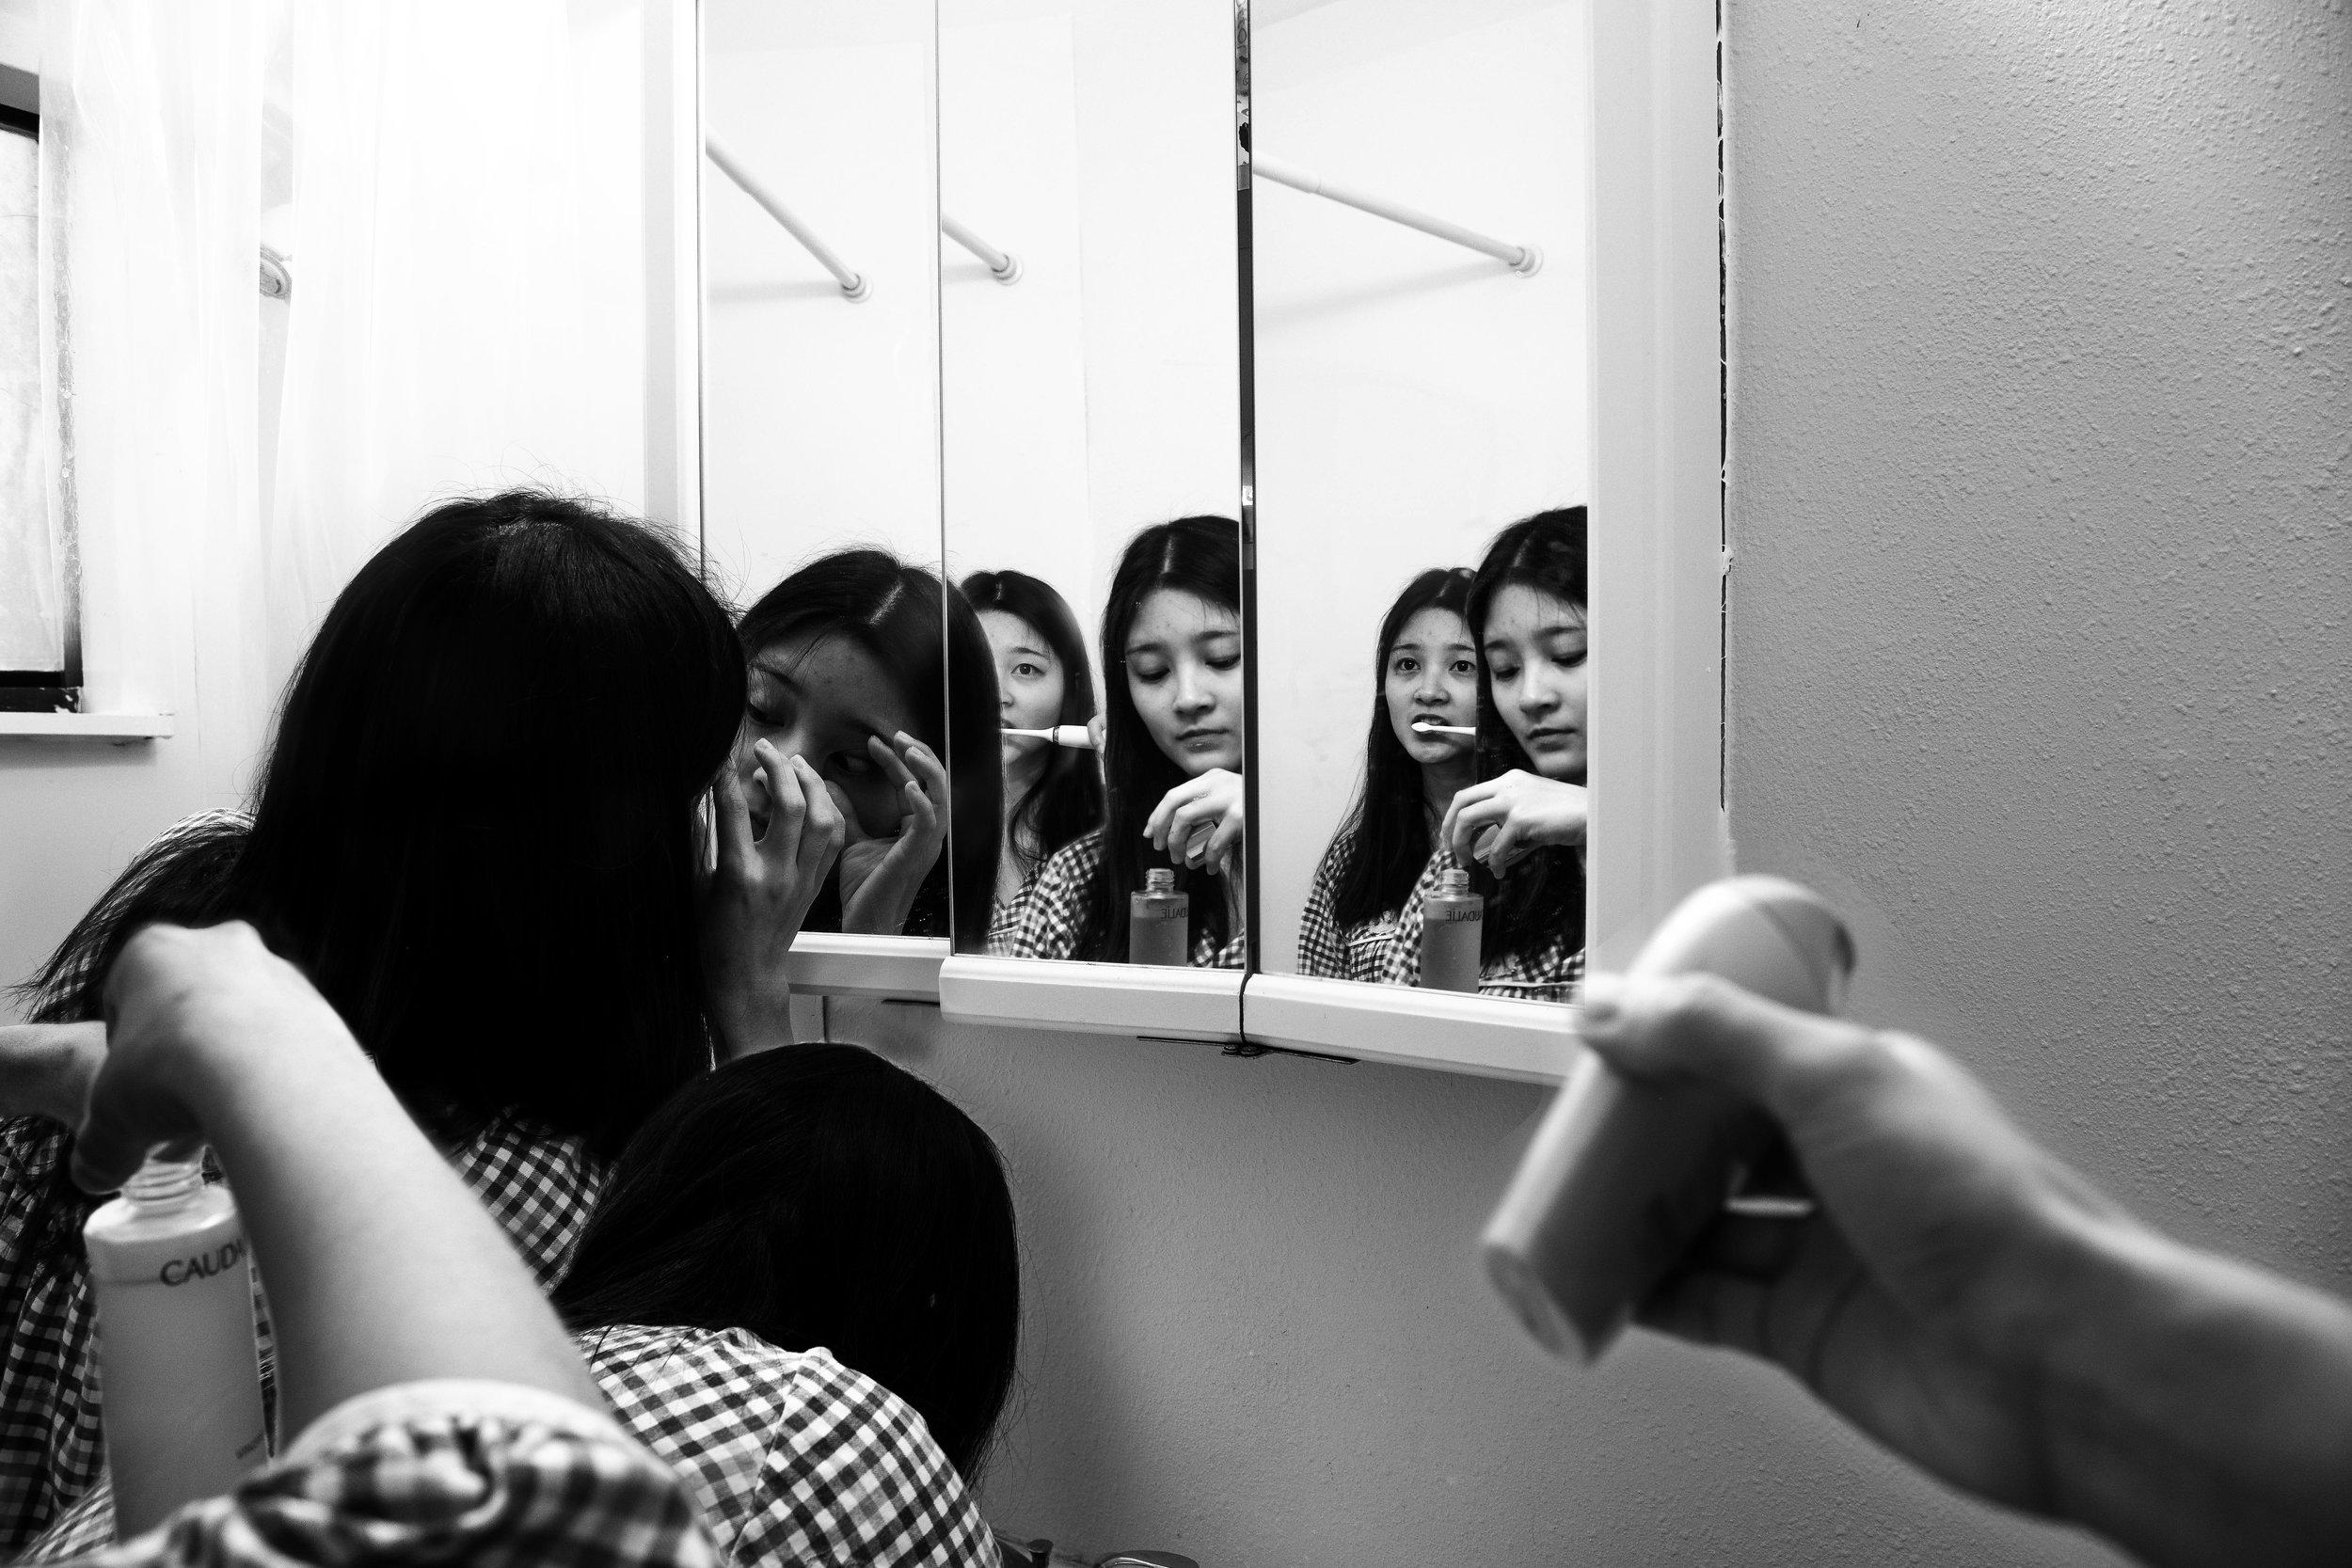 Photo by Tian Liu